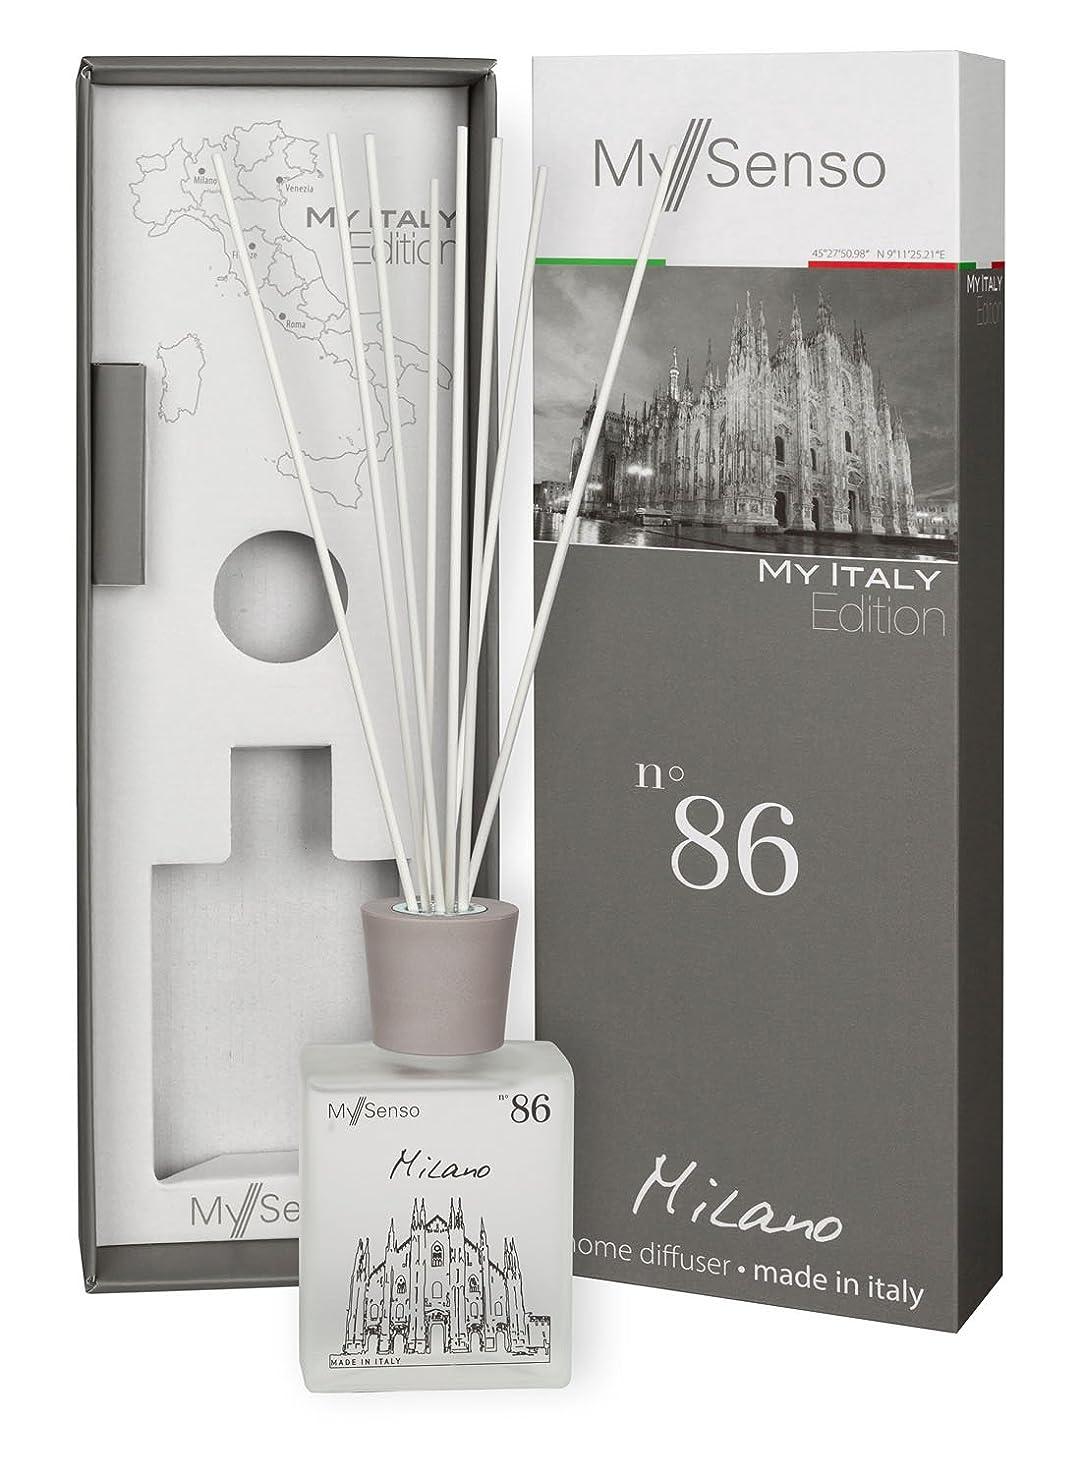 インタネットを見るビームぞっとするようなMySenso ディフューザー My Italy Edition No.86 ミラノ